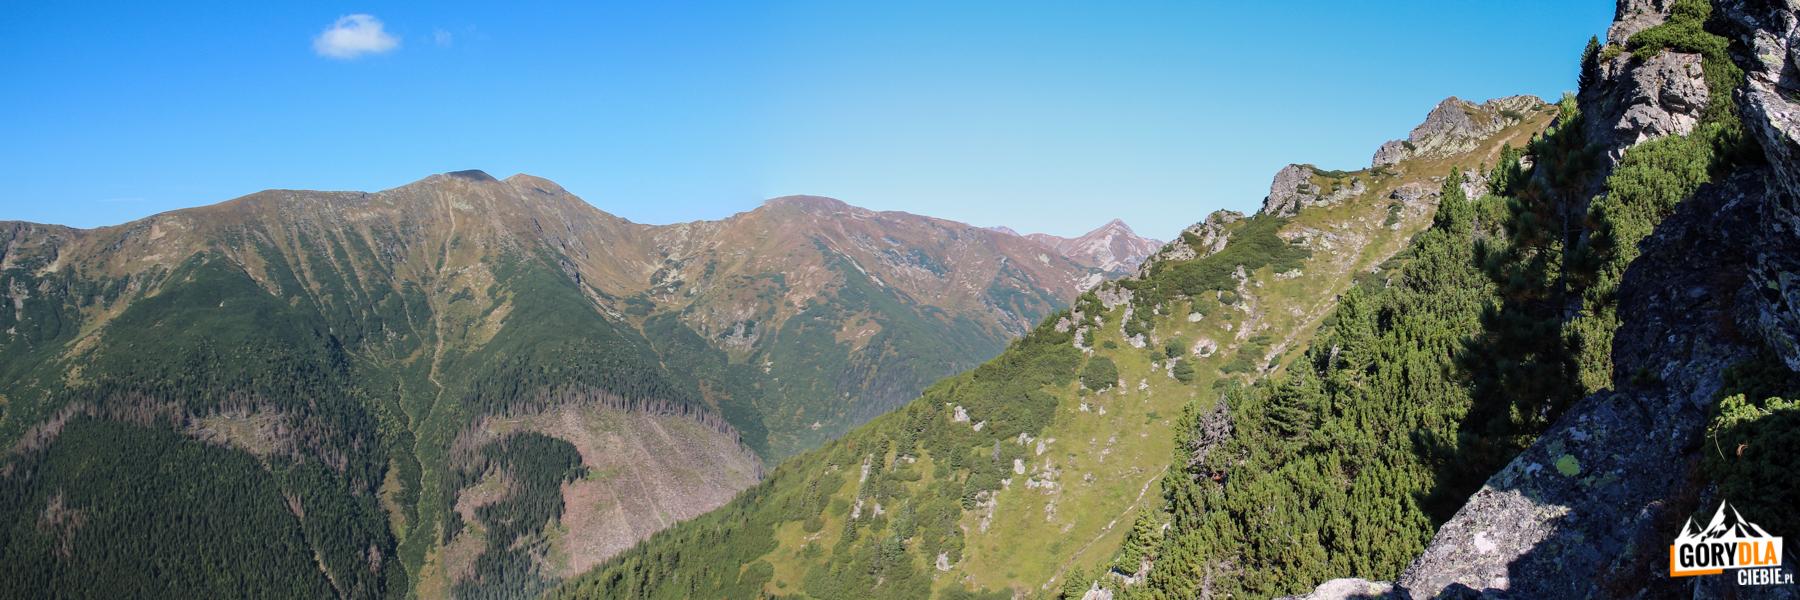 Widok z grani nad Ostredokiem na Baraniec (2185 m) i Smrek (2071 m)